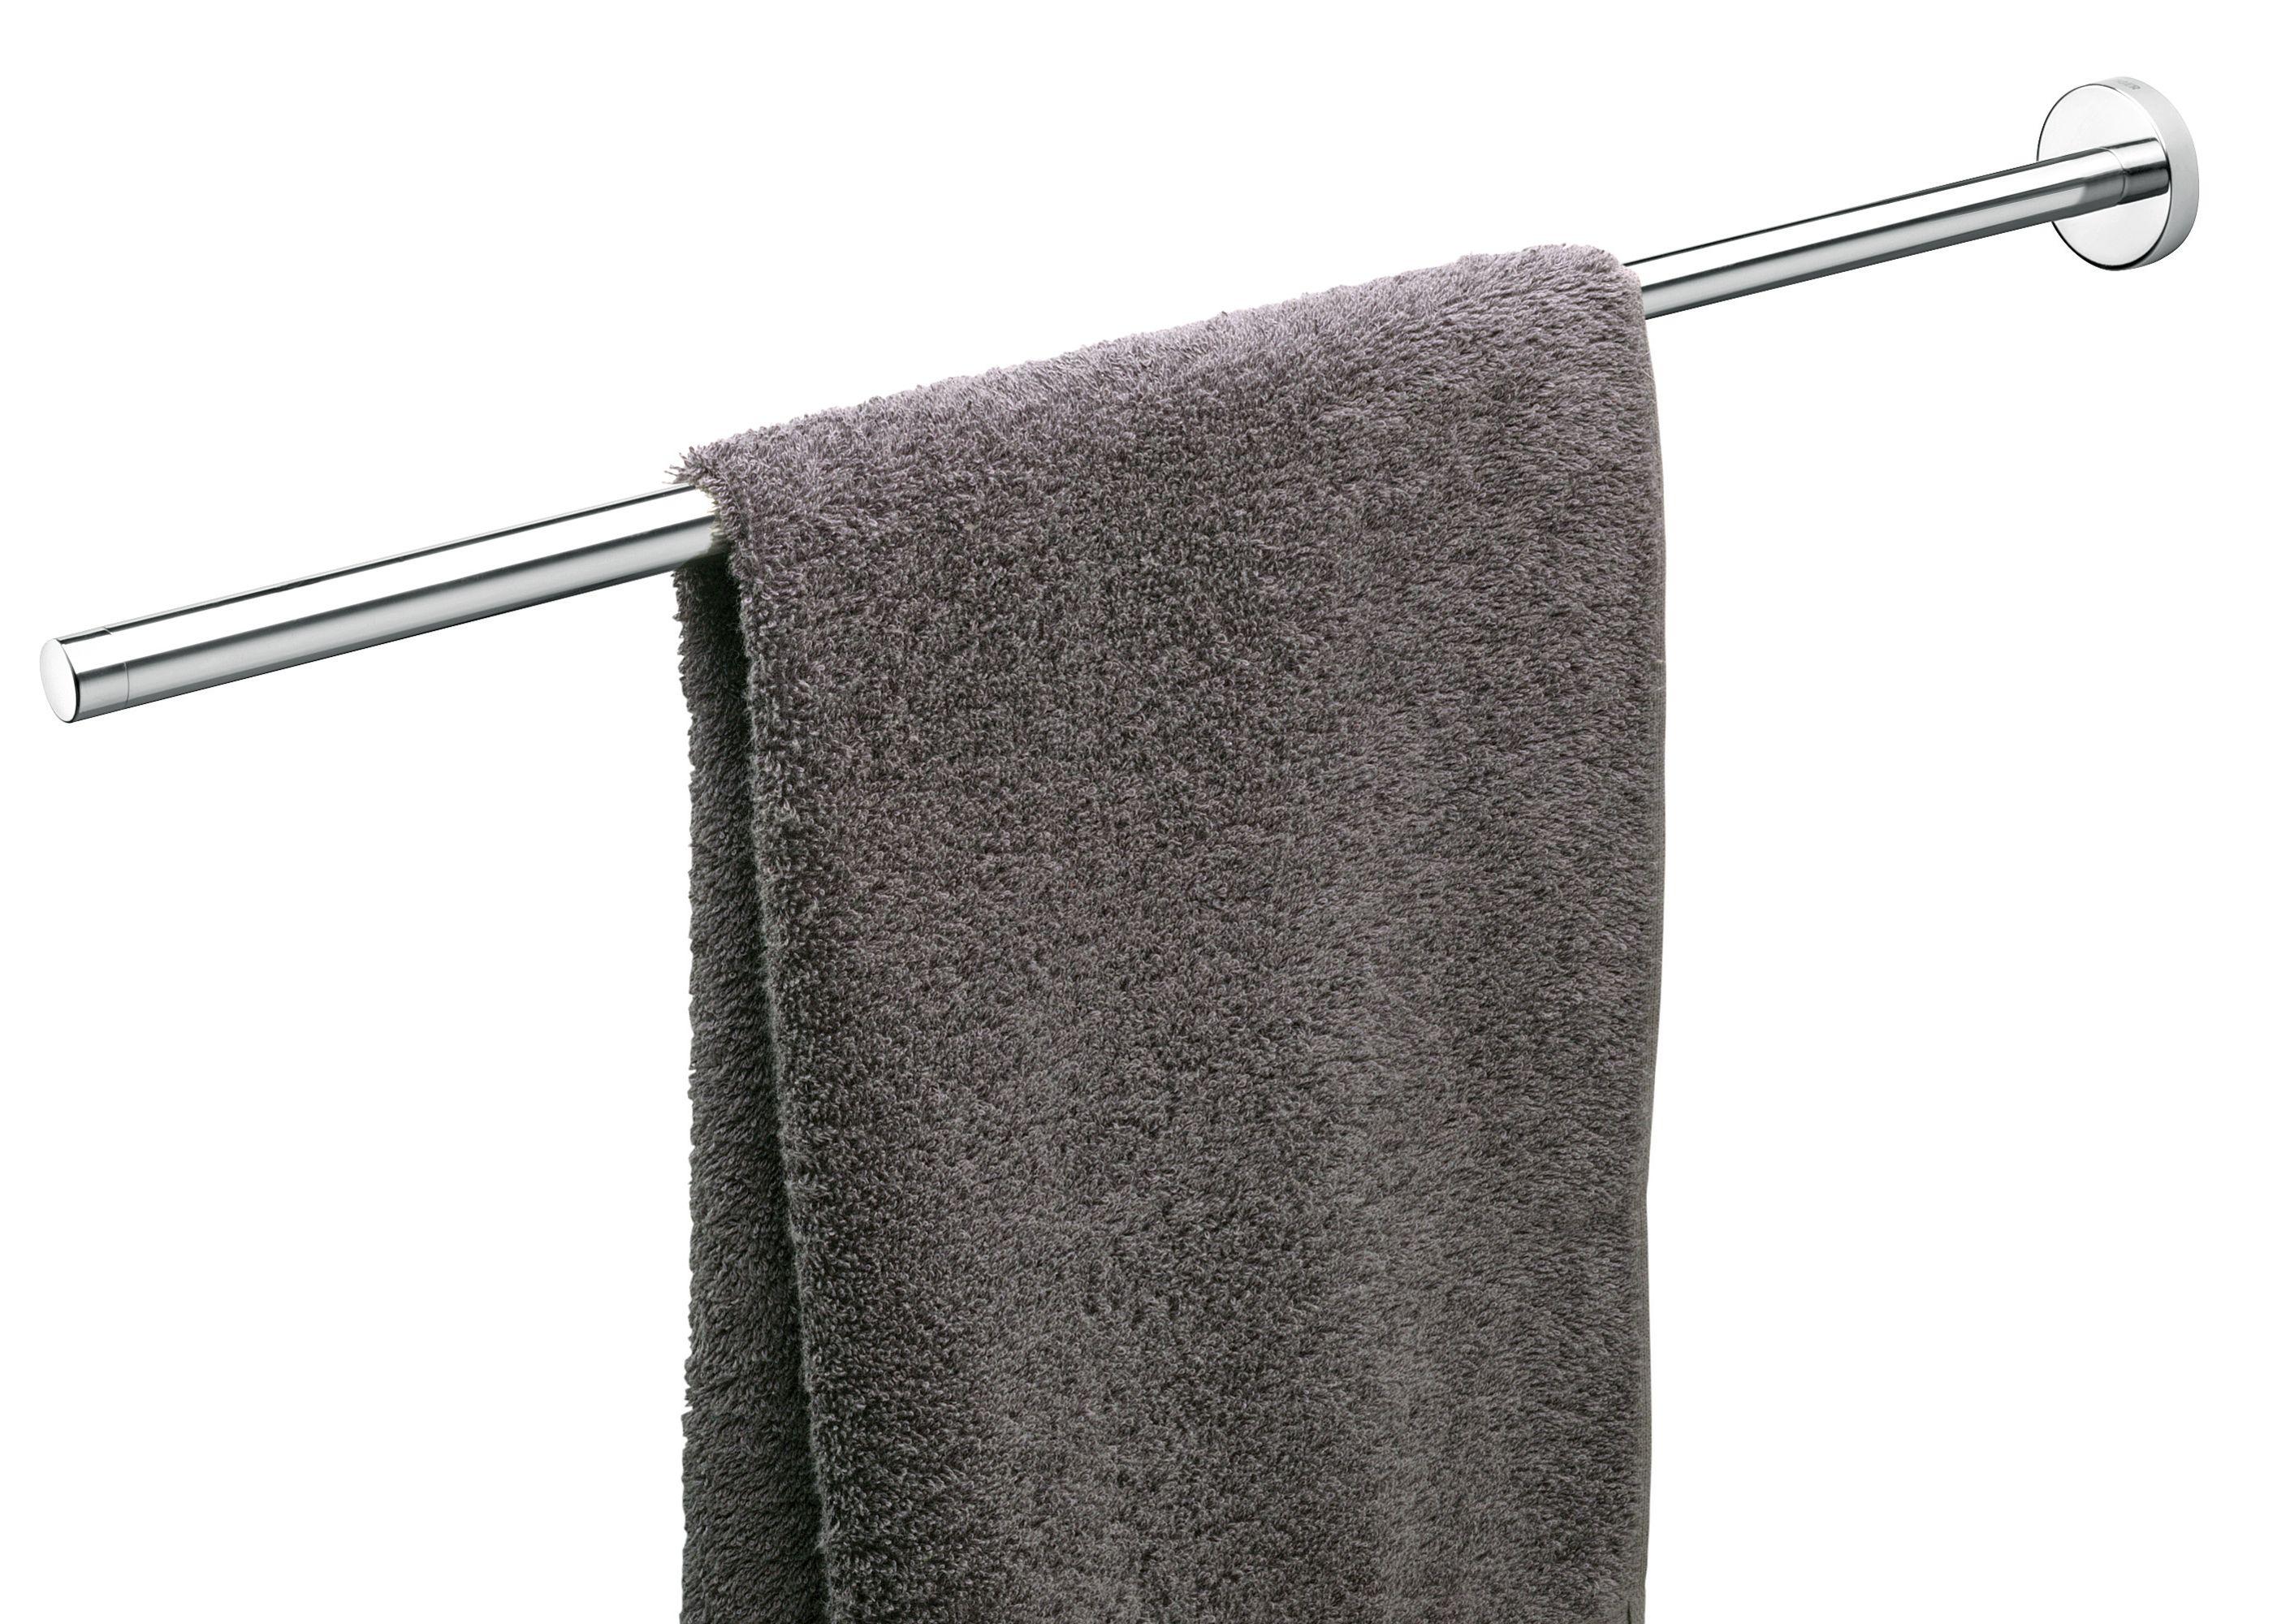 https://sanitairkamer.nl/media/catalog/product/t/i/tiger-boston-telescopisch-handdoekrek-rvs-glans-304230346-1.jpg